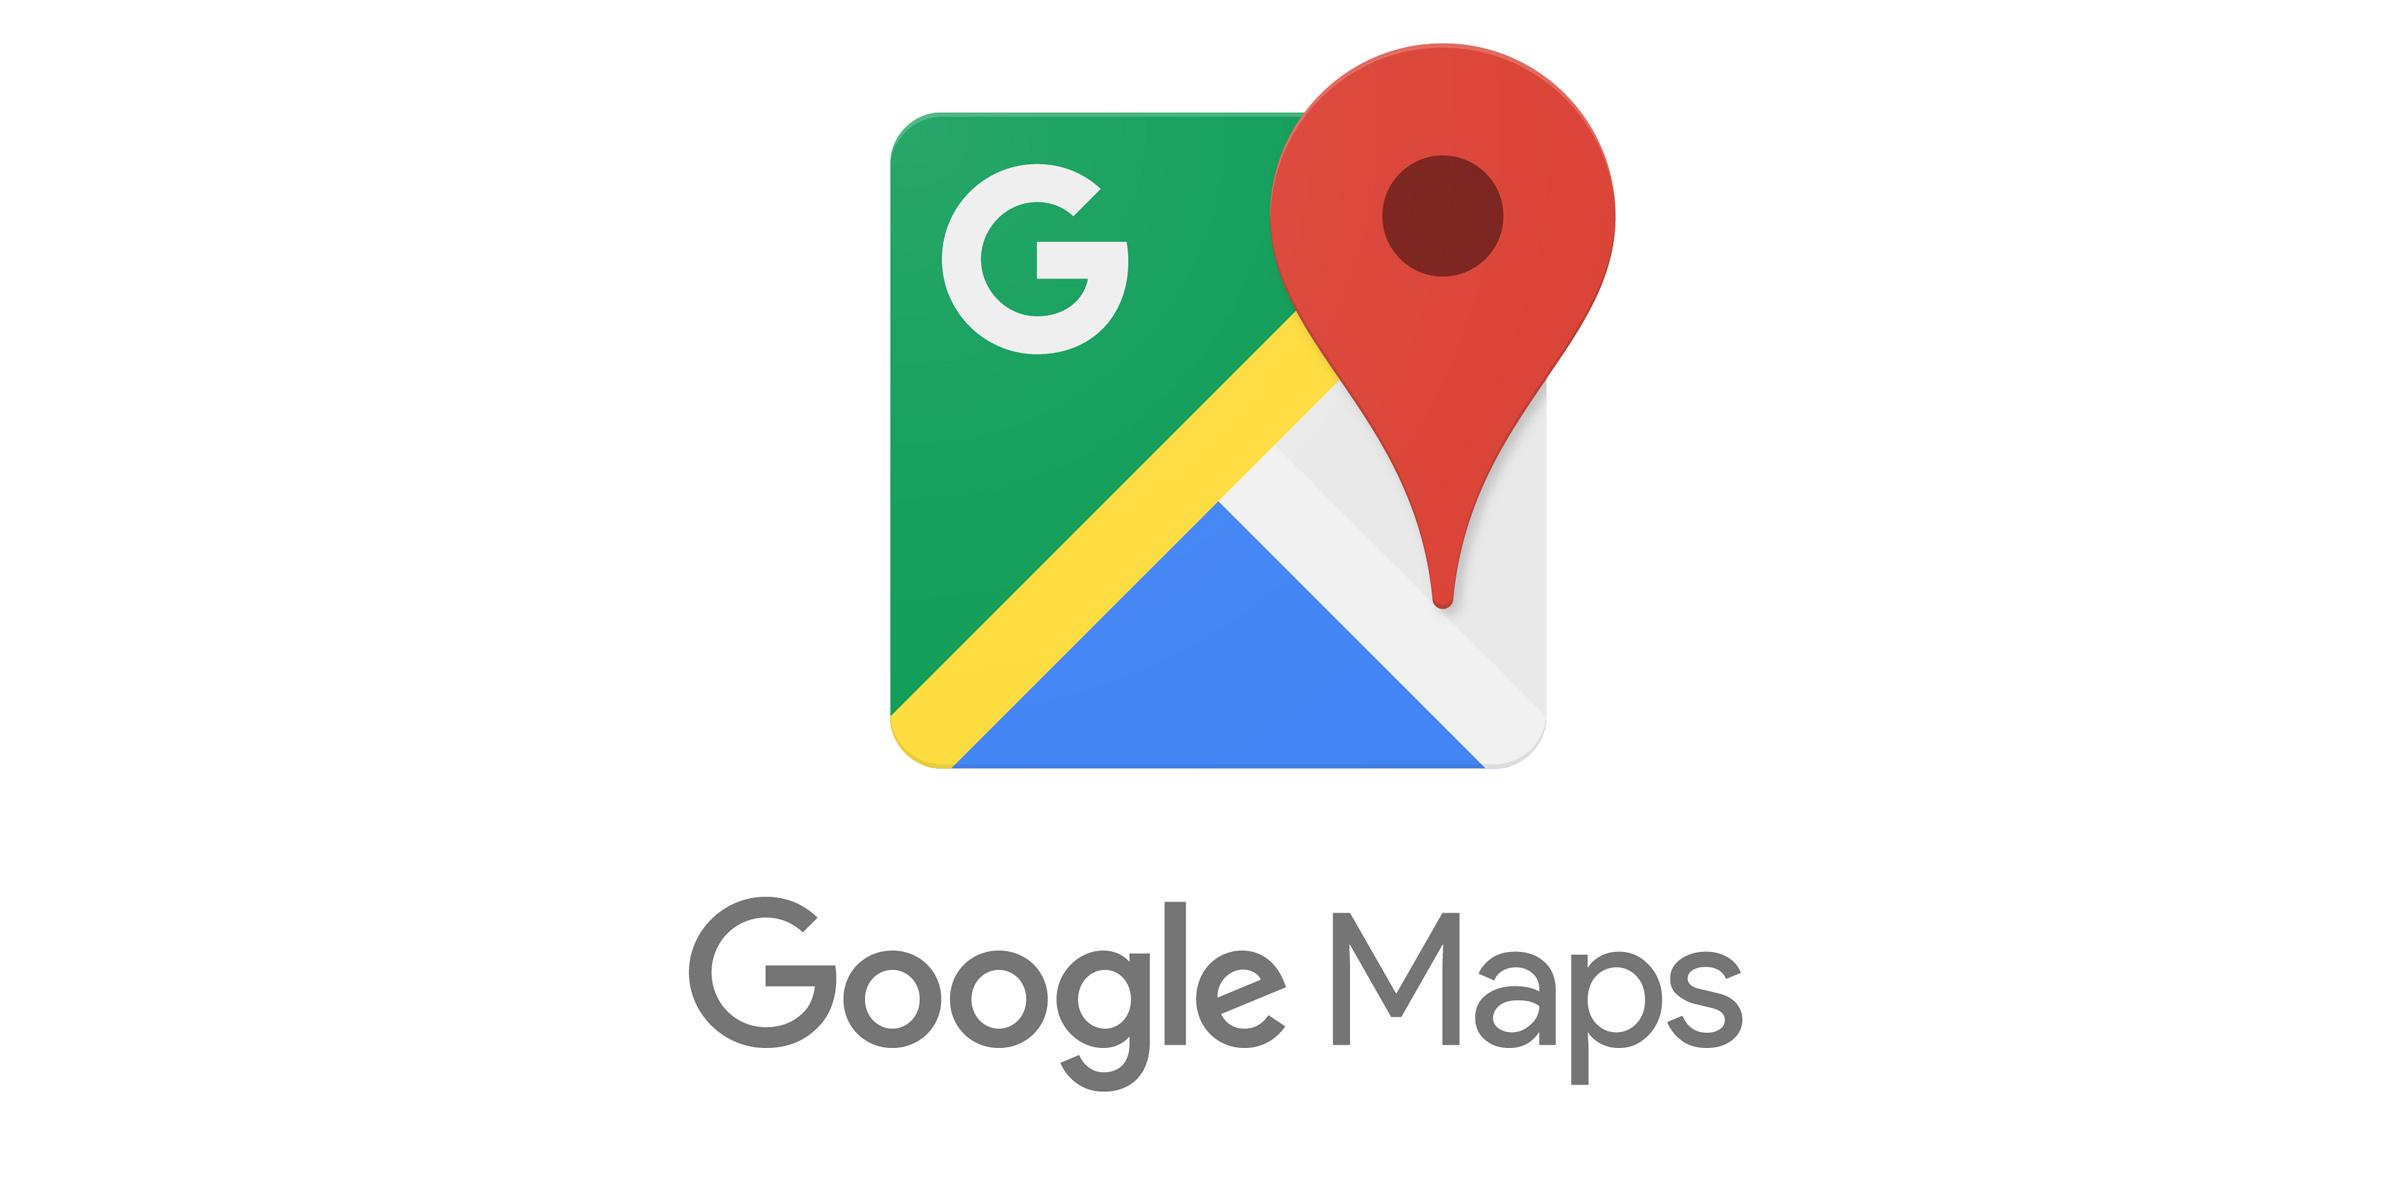 Oficiálně: Google Mapy získávají hlášení o nedodržení trasy [aktualizováno]